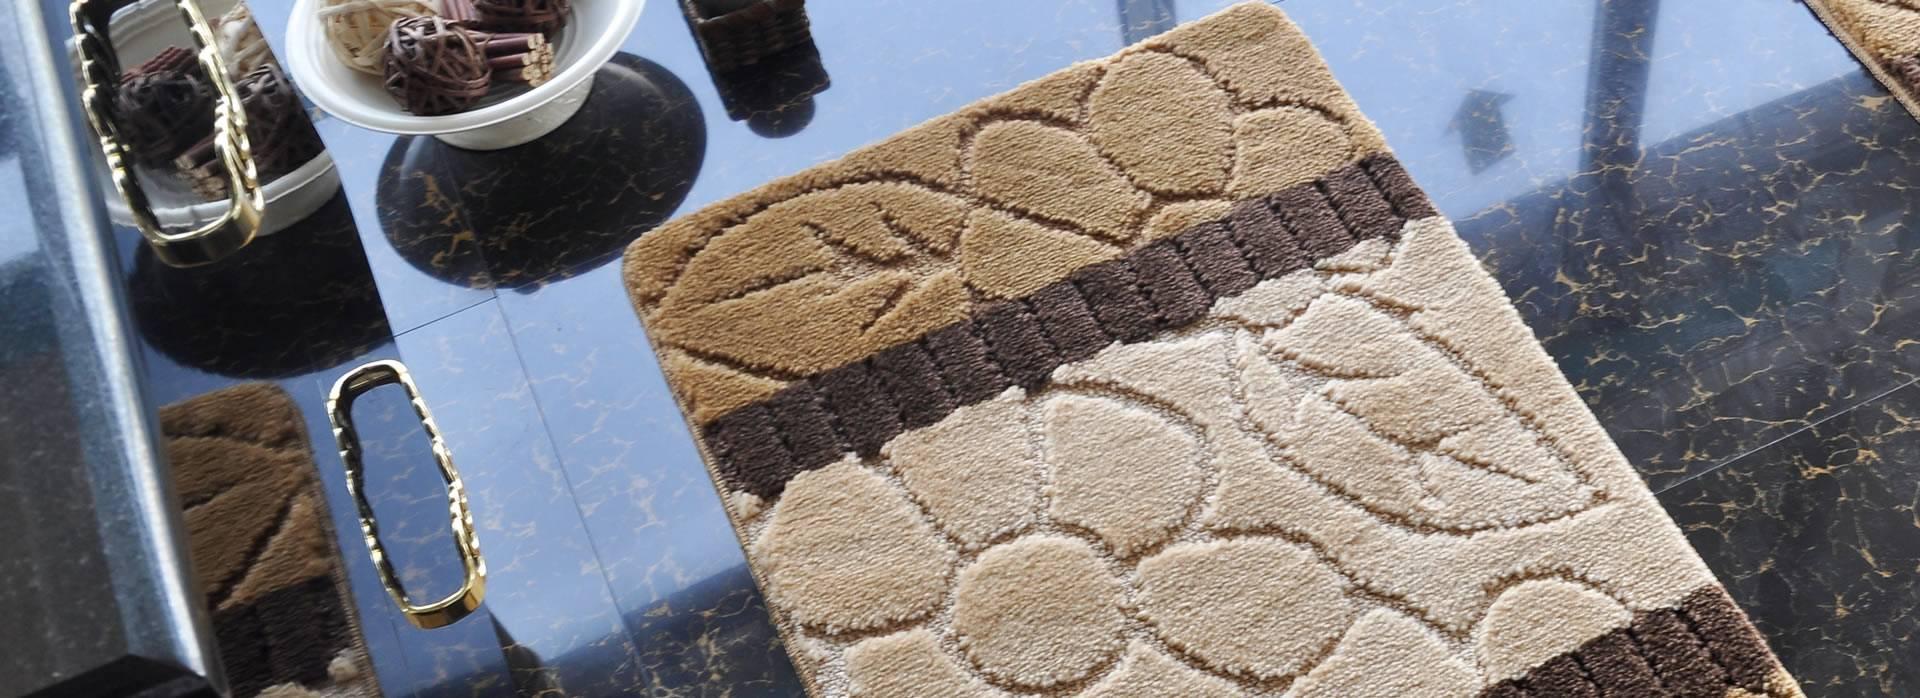 Мини коврики для ванной по выгодным ценам